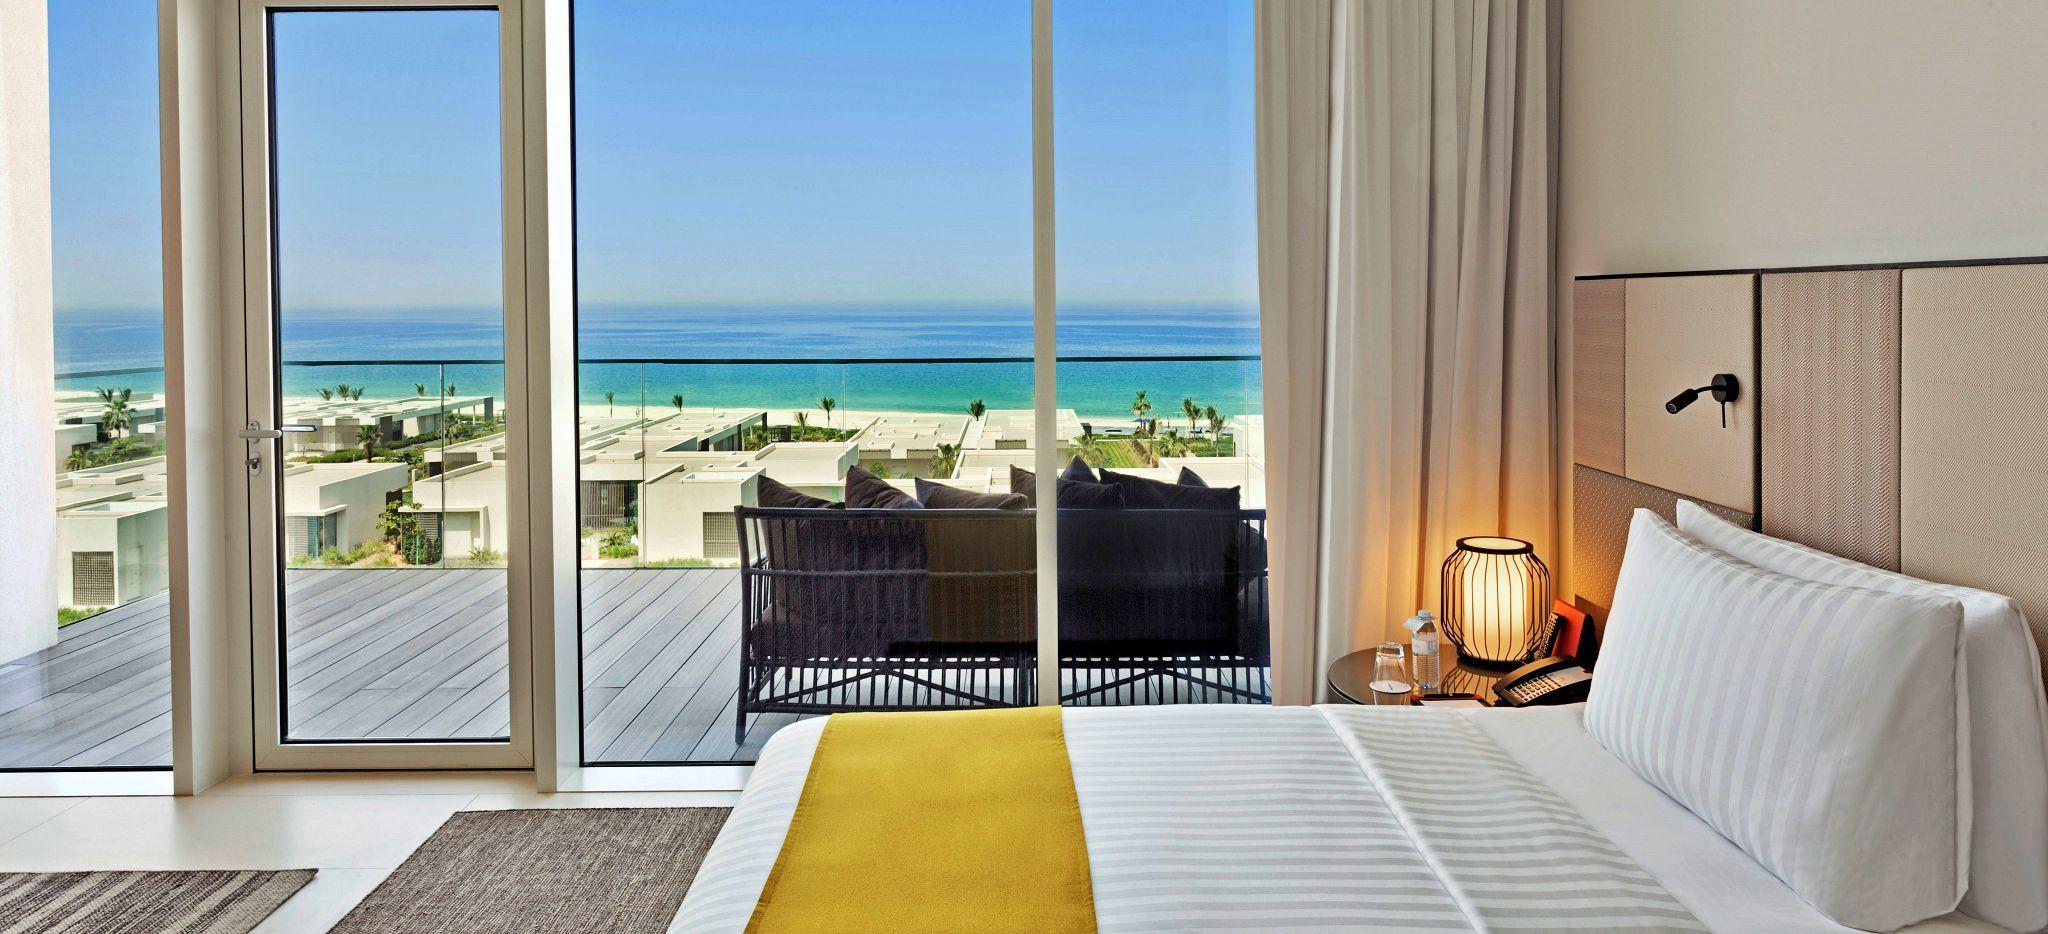 Schlafzimmer mit Blick auf den Strand und das Meer